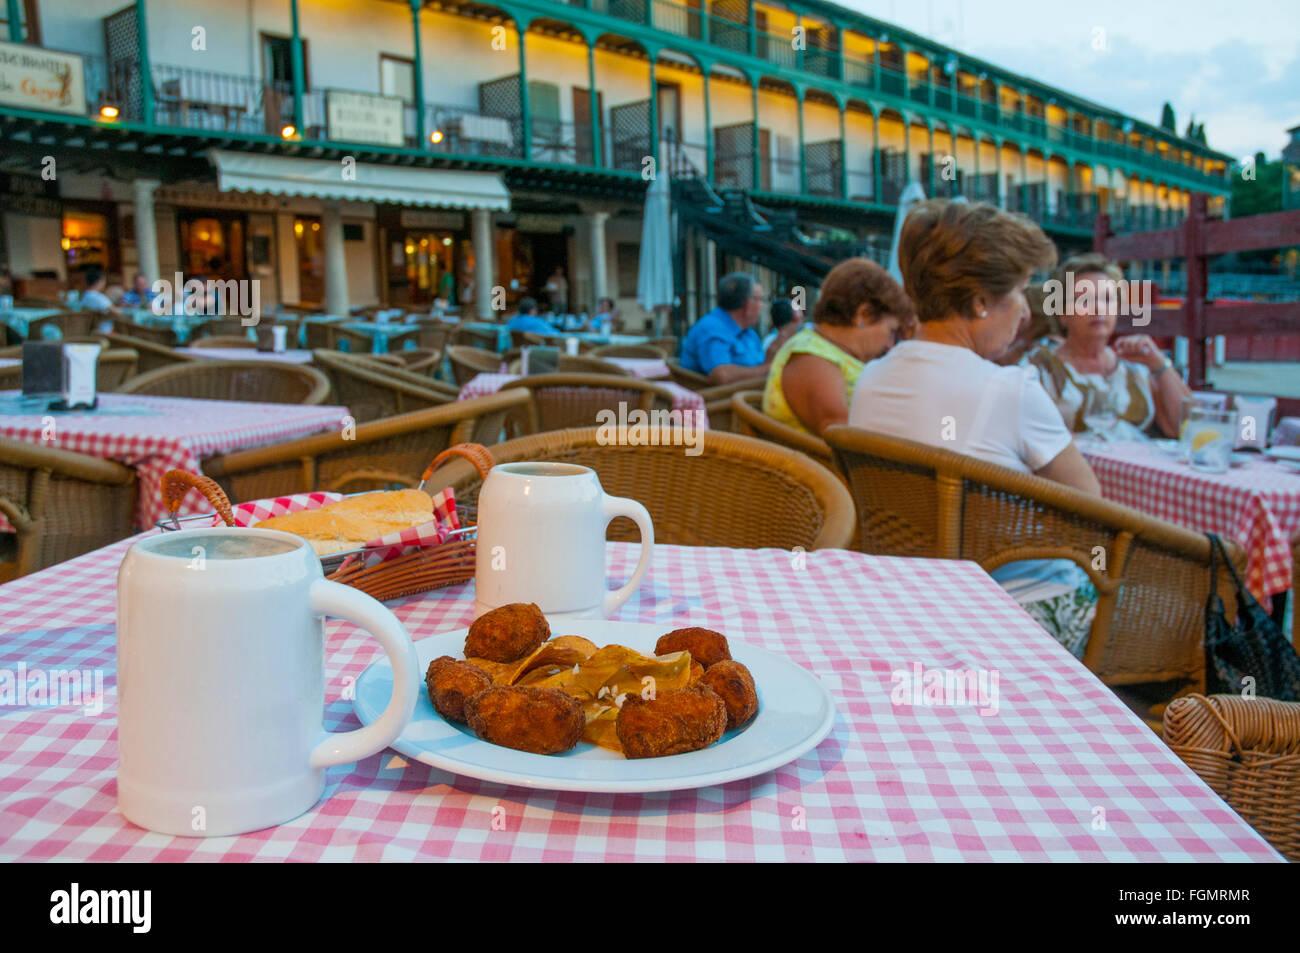 Tapa española: croquetas sirviendo y dos jarras de cerveza en una terraza al atardecer. Plaza principal, Chinchón, Imagen De Stock